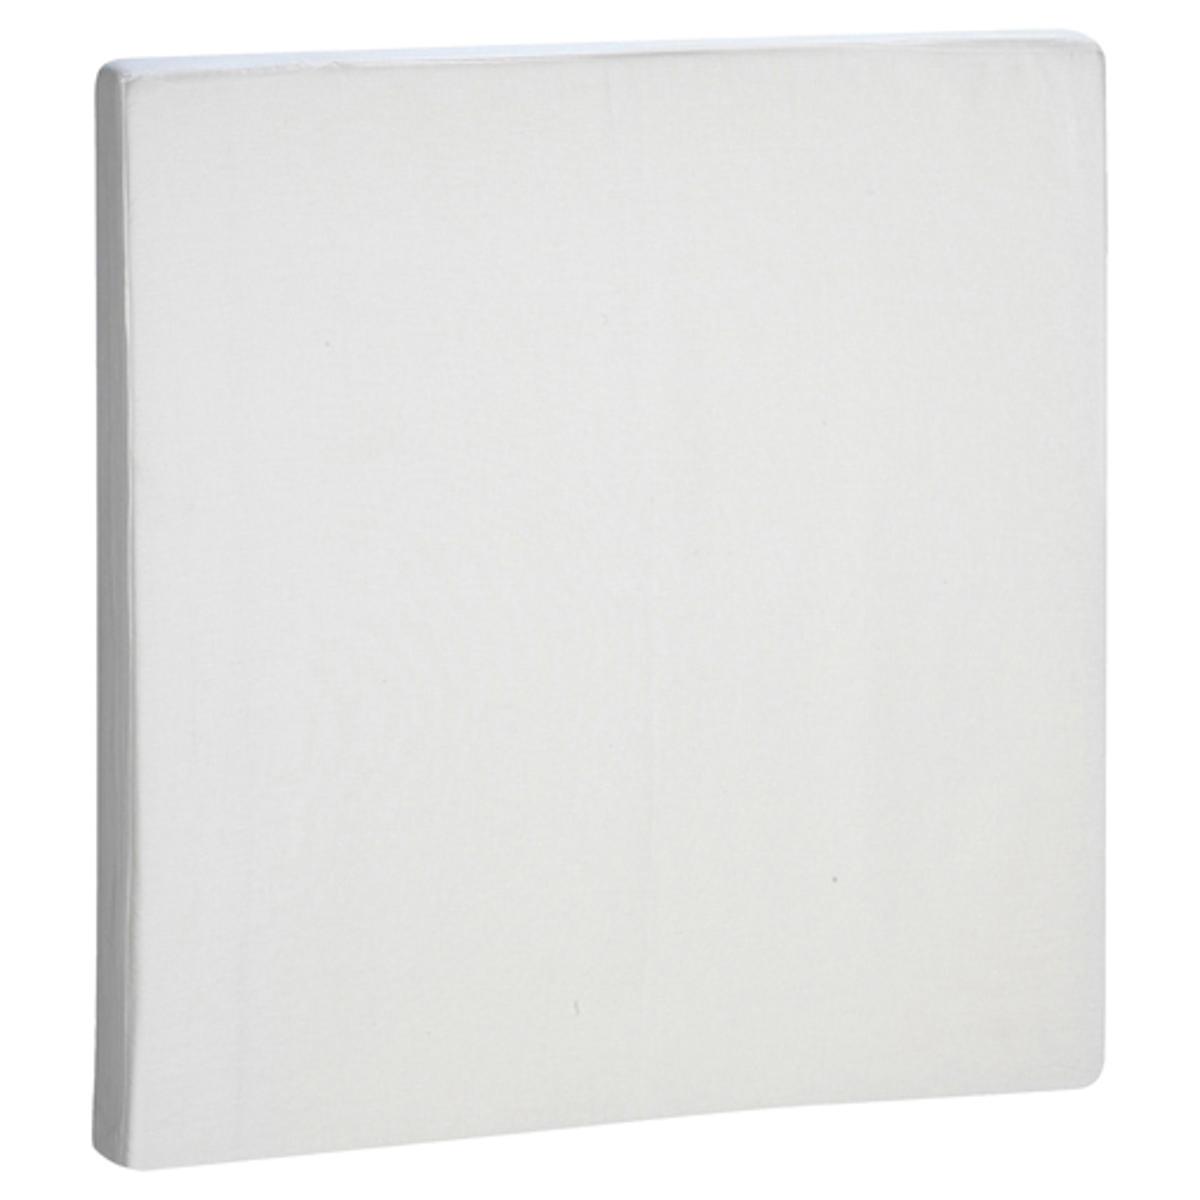 Чехол для изголовья кровати Stadia, 100% лен, высота 95 смСпециально создан для изголовья кровати STADIA и идеально подходит к чехлу для основы под матрас TOURIL.100% лен.Размер : высота - 95 см, ширина - 10 см.Стирка при 40°С.<br><br>Цвет: антрацит,белый